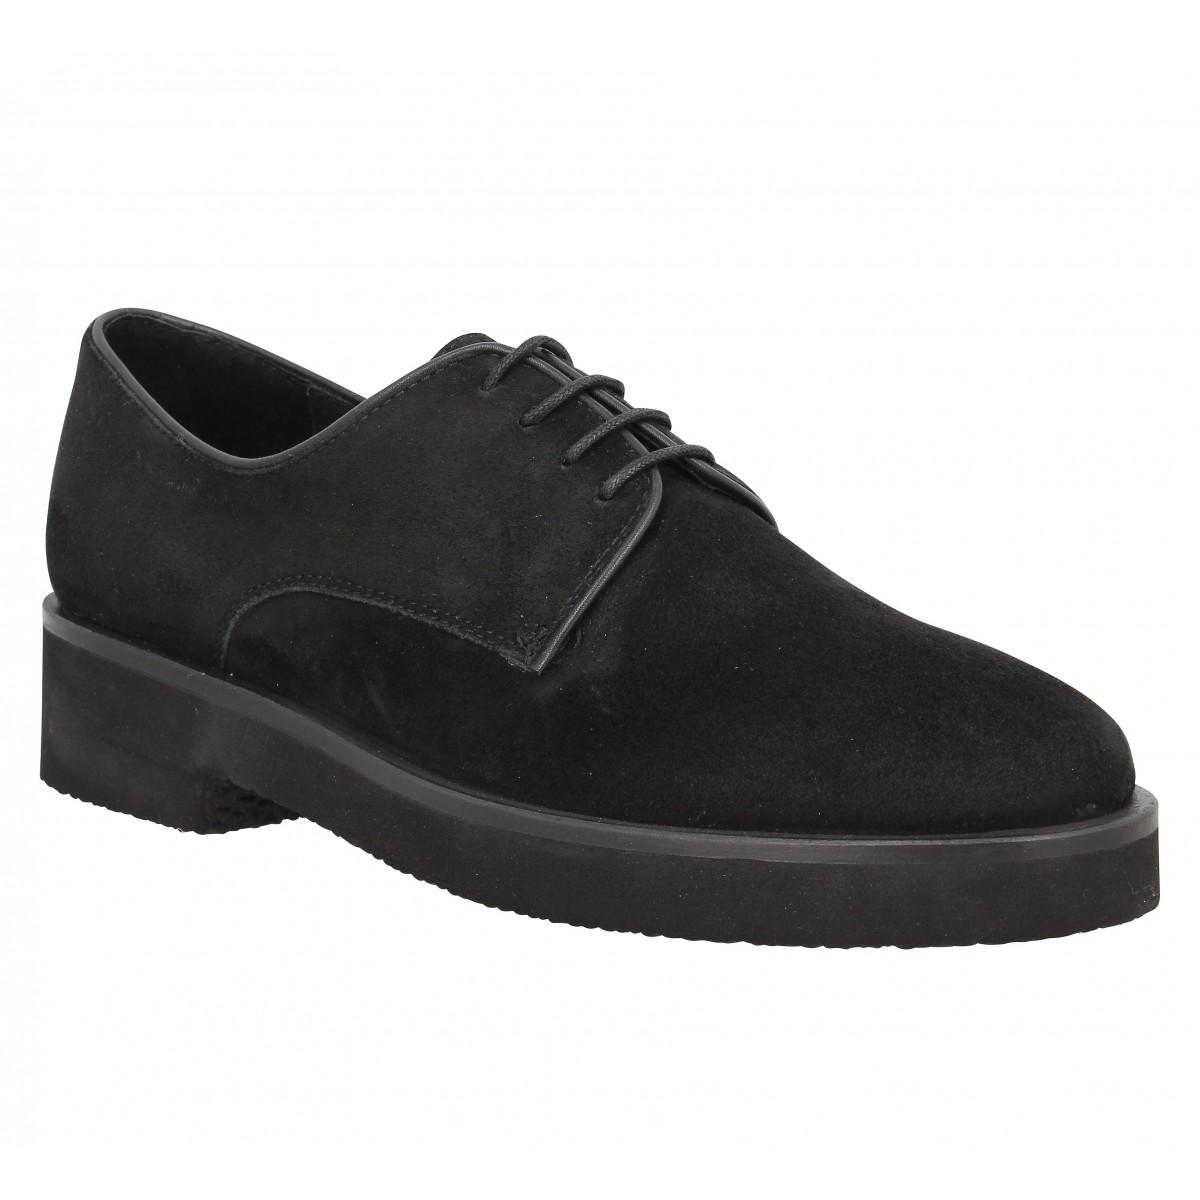 Chaussures à lacets B PRIVATE 2301 Femme Noir